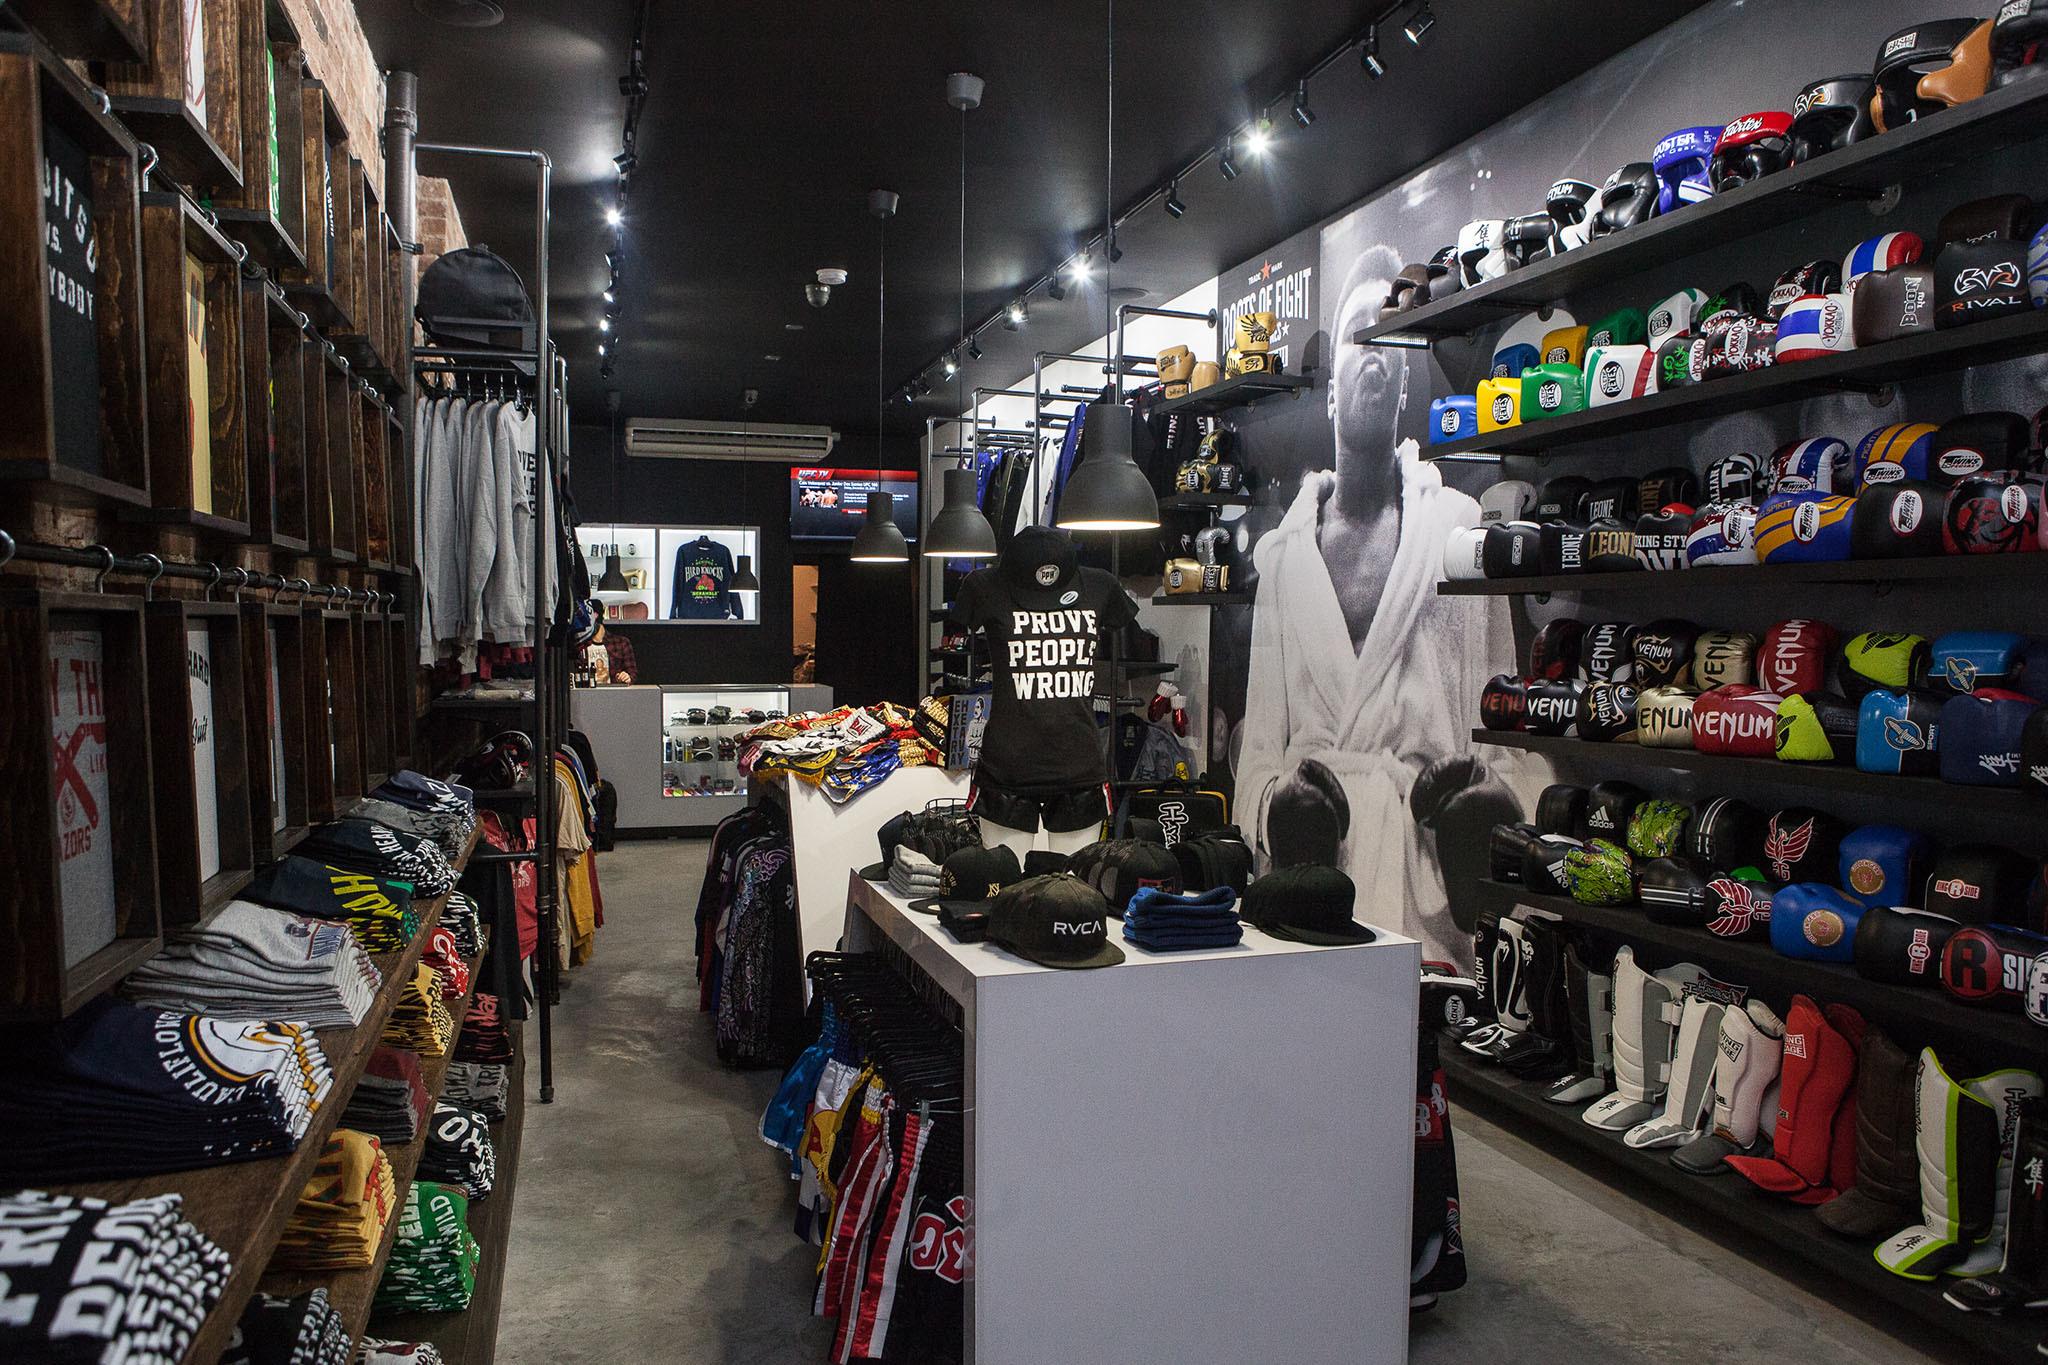 East Coast MMA Fight Shop